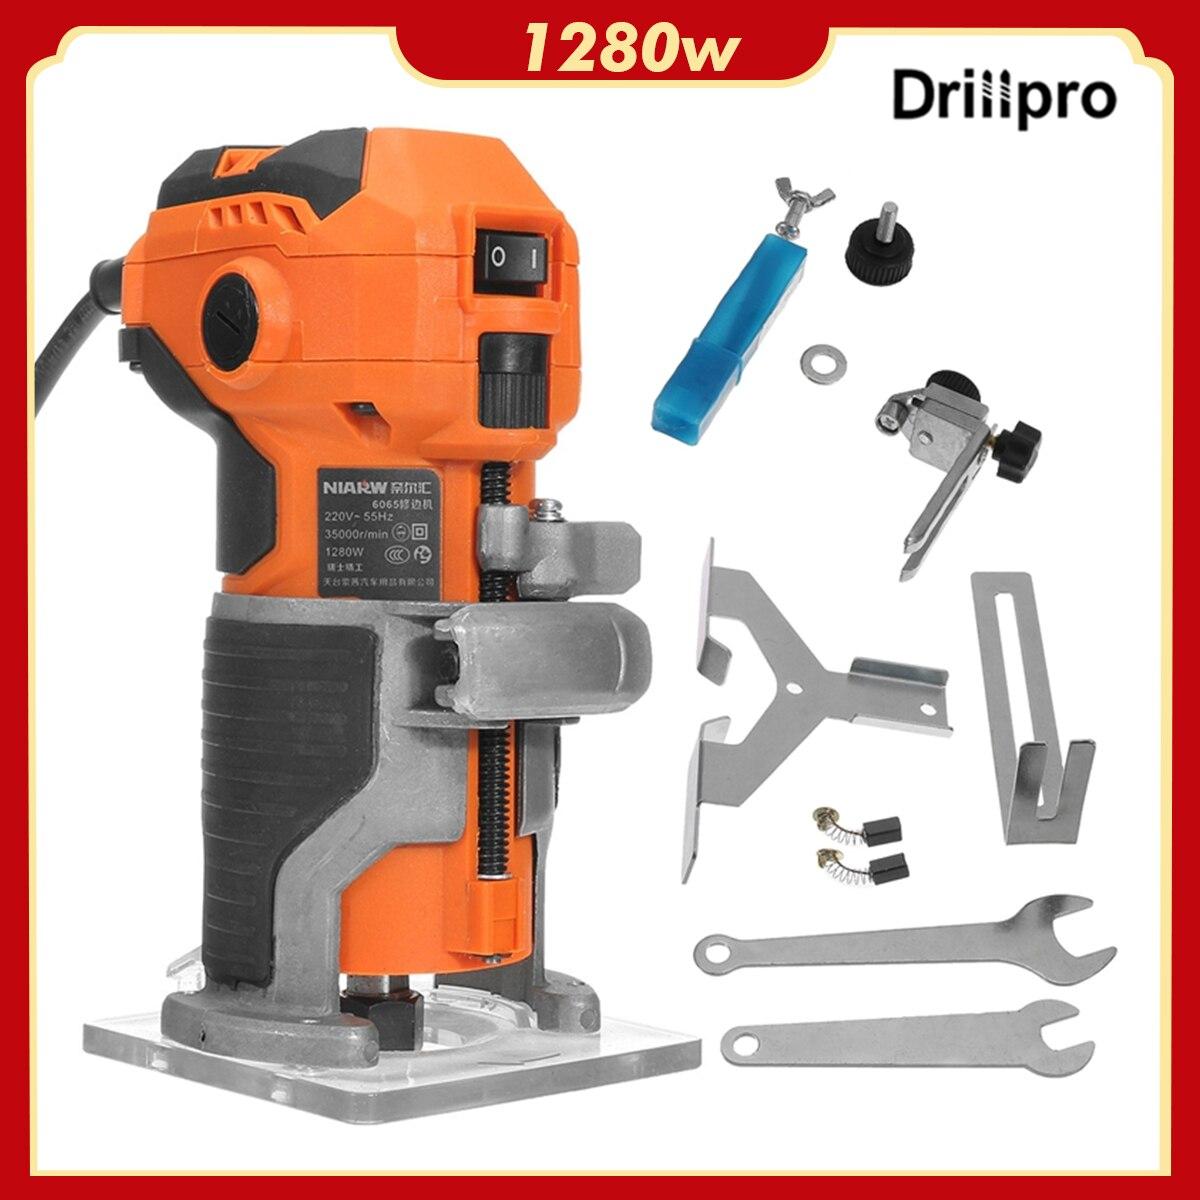 220V elektryczny trymer 1280W 35000r/min drewna trymer Electro Tools Router frezarka do drewna dla stolarzy Renovator obróbki drewna